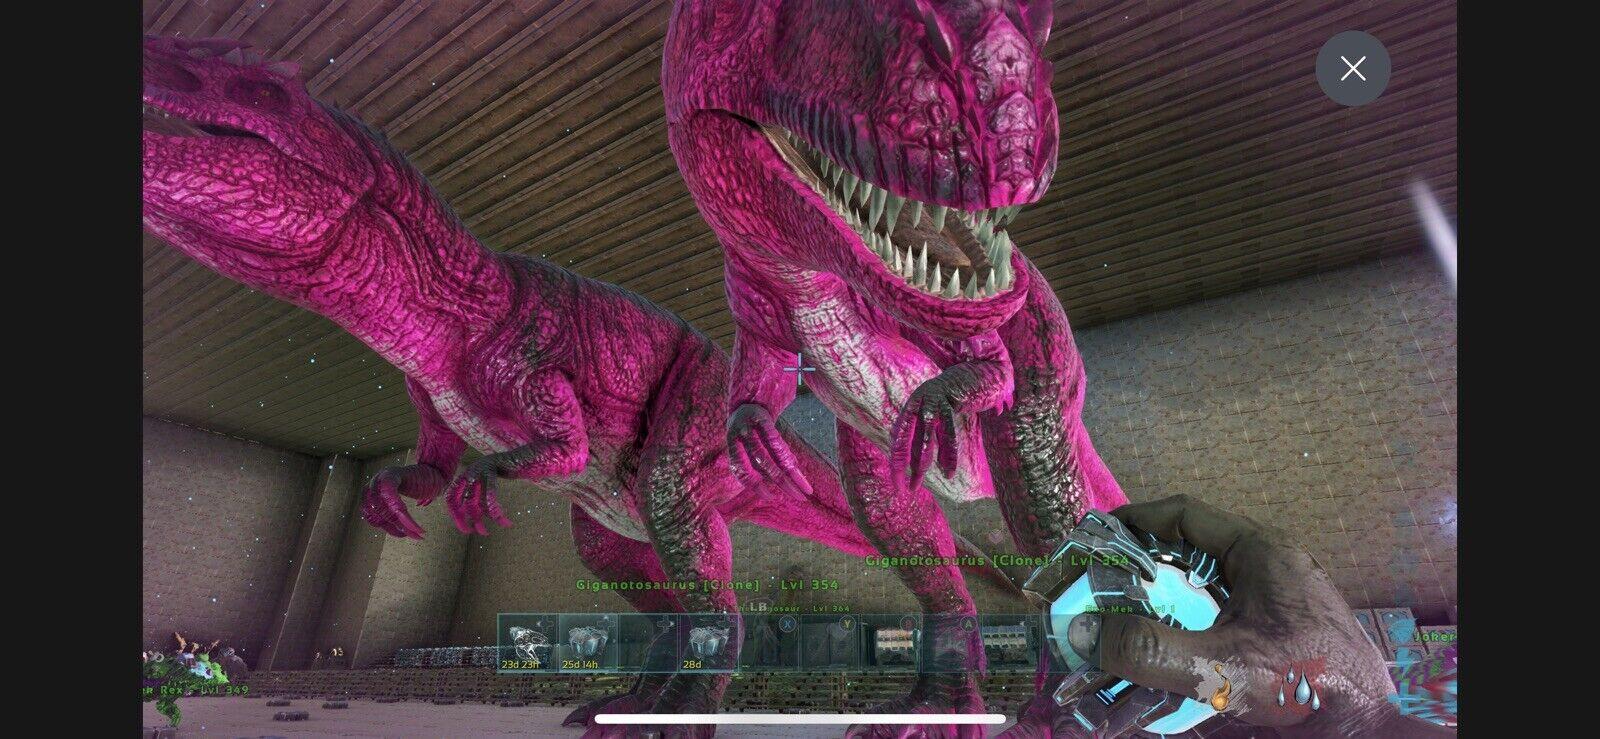 ark survival evolved xbox one pve 1105 Melee Breeding Pair Giga